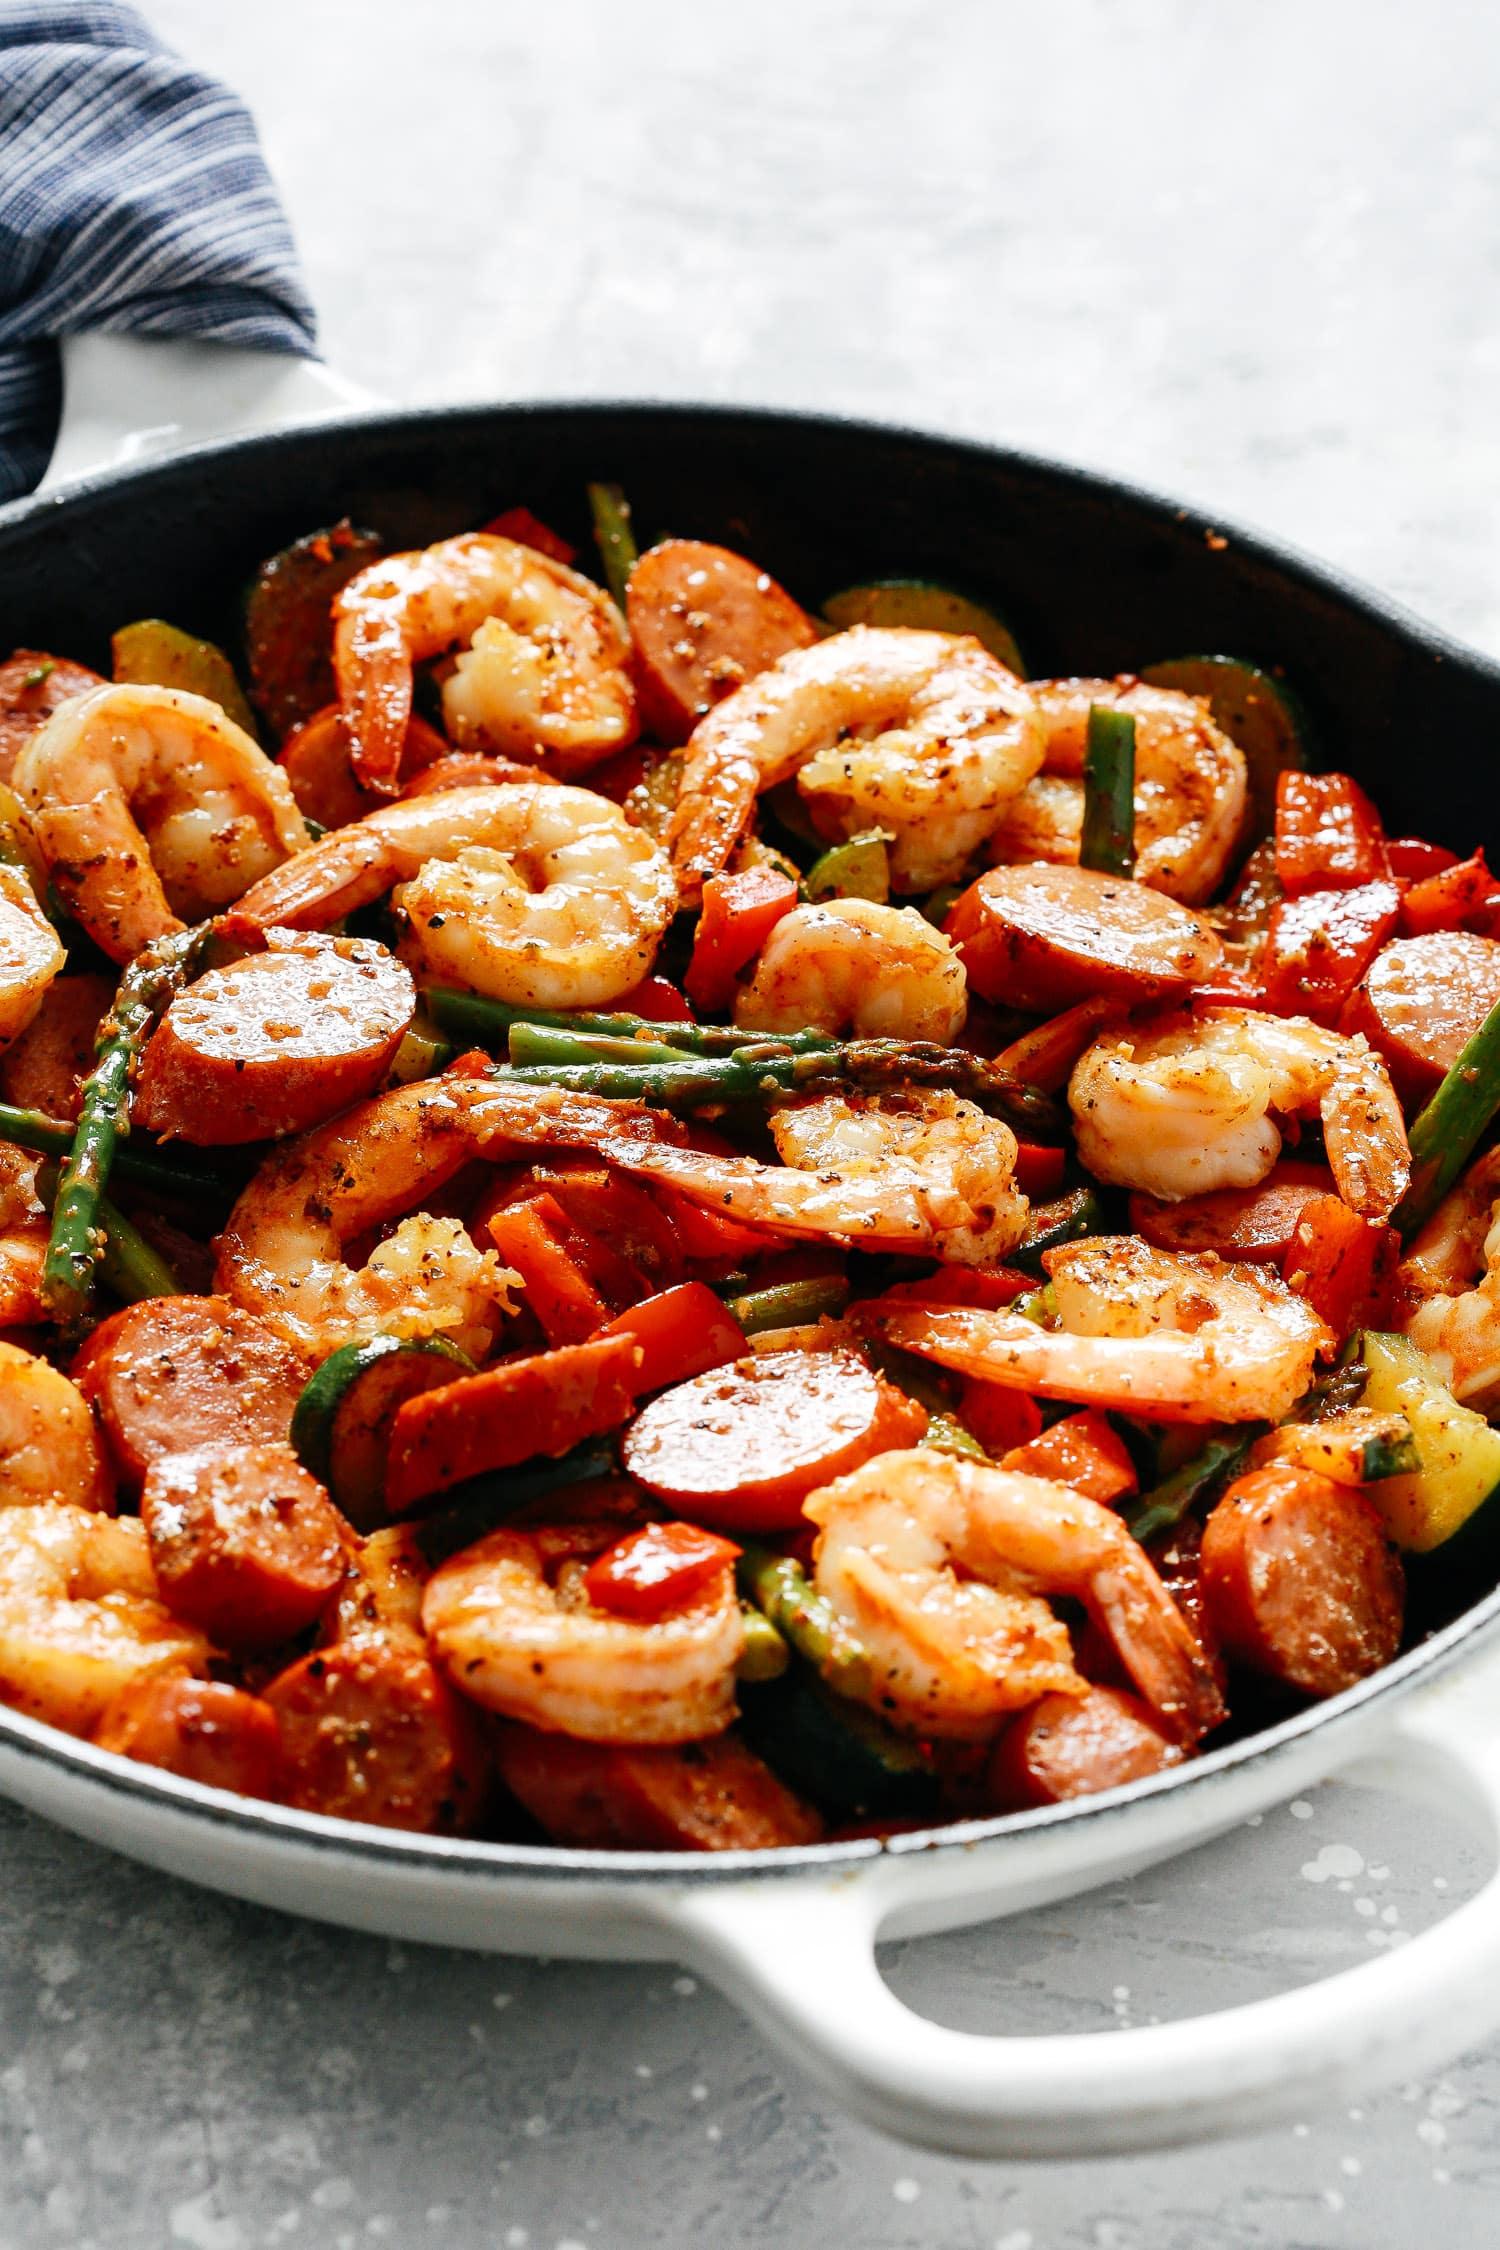 Cast Iron Skillet Shrimp and Sausage Recipe